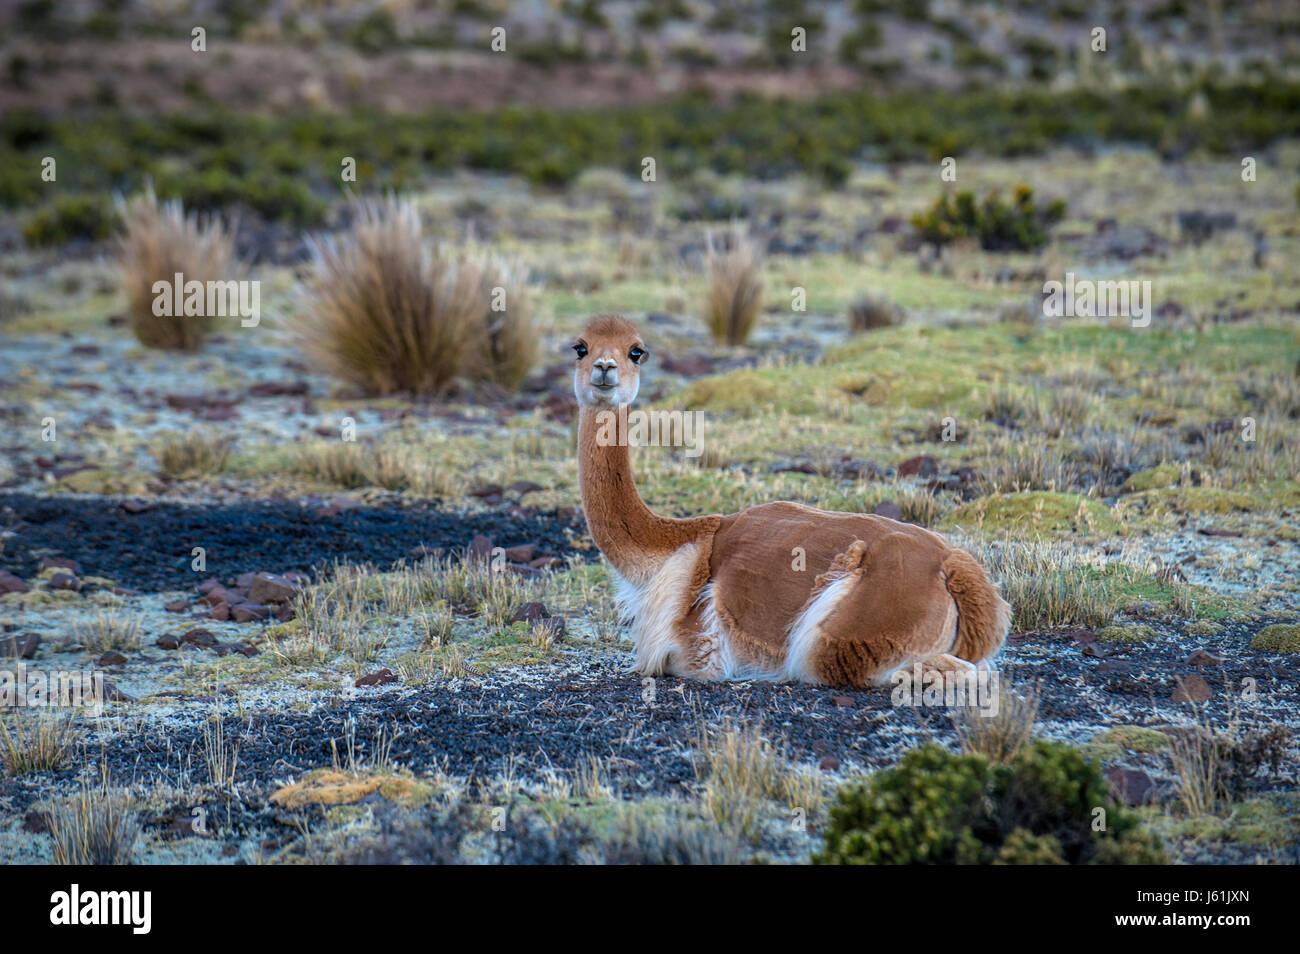 Fröhlich, liebenswert Vicugna schaut in die Kamera im Reserva Nacional Pampa Galeras, Peru. Vicugna ist eine Stockbild